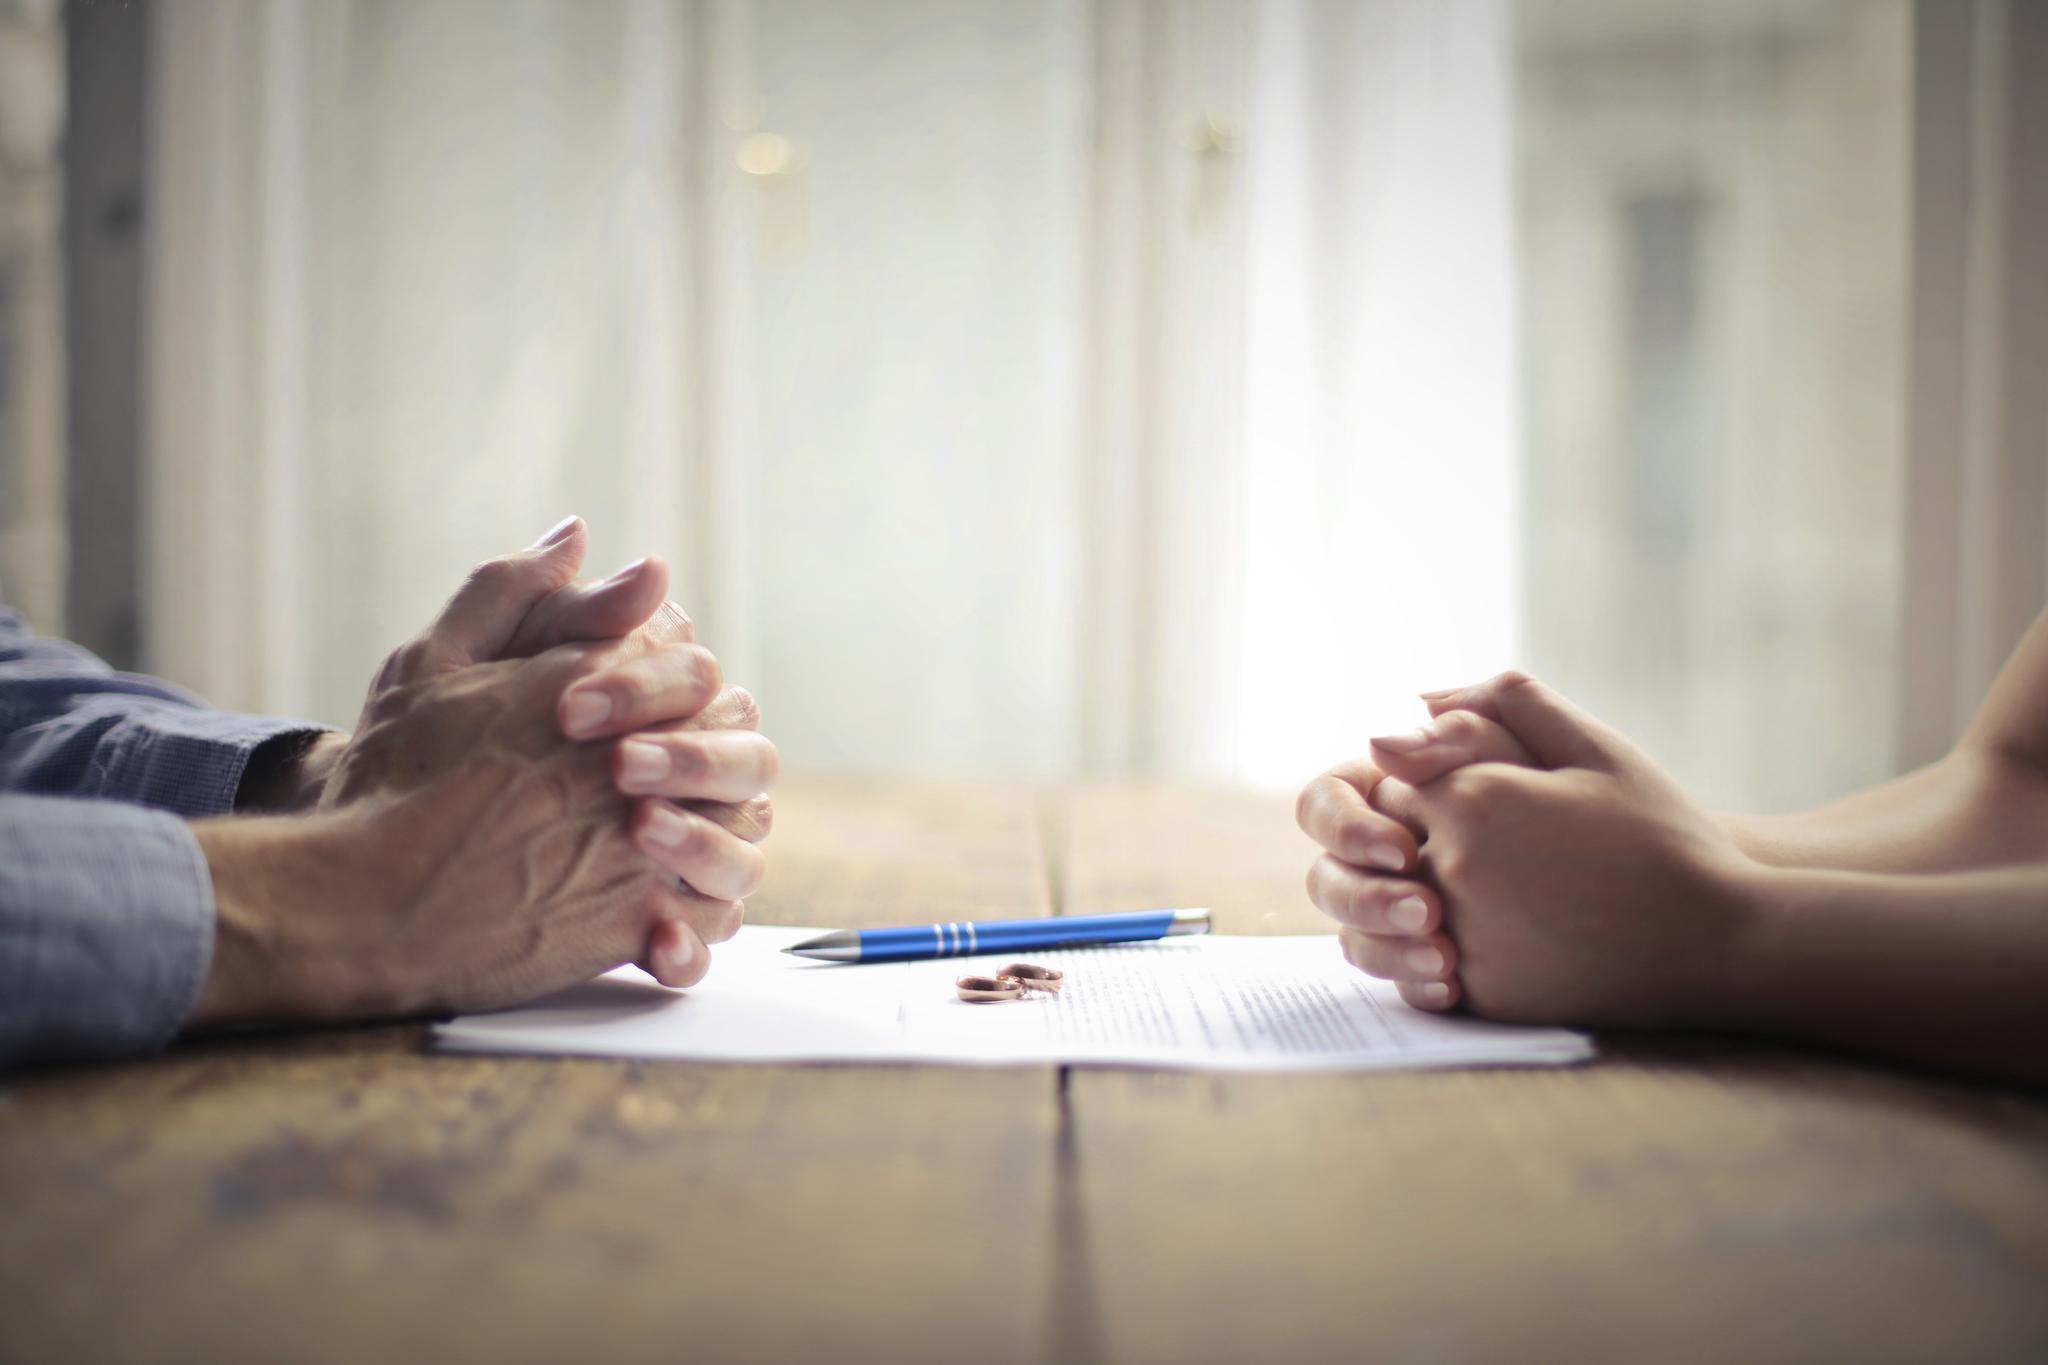 Gefaltete Hände eines Mannes und einer Frau, die sich am Tisch gegenüber sitzen, auf einem Blatt Papier mit Kugelschreiber